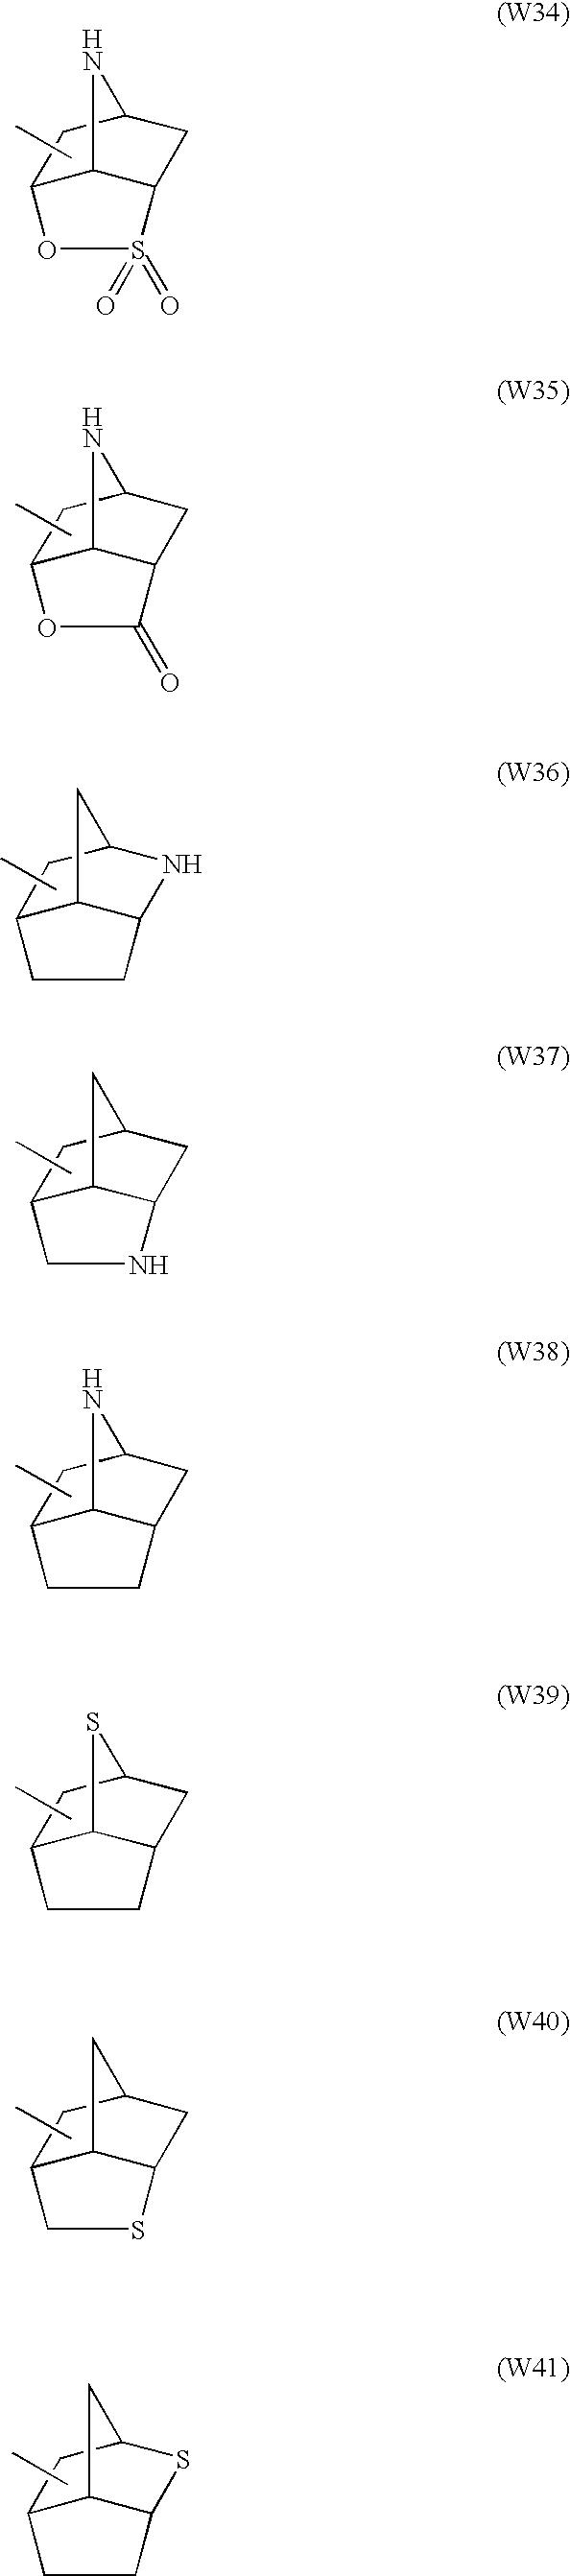 Figure US20100323296A1-20101223-C00072